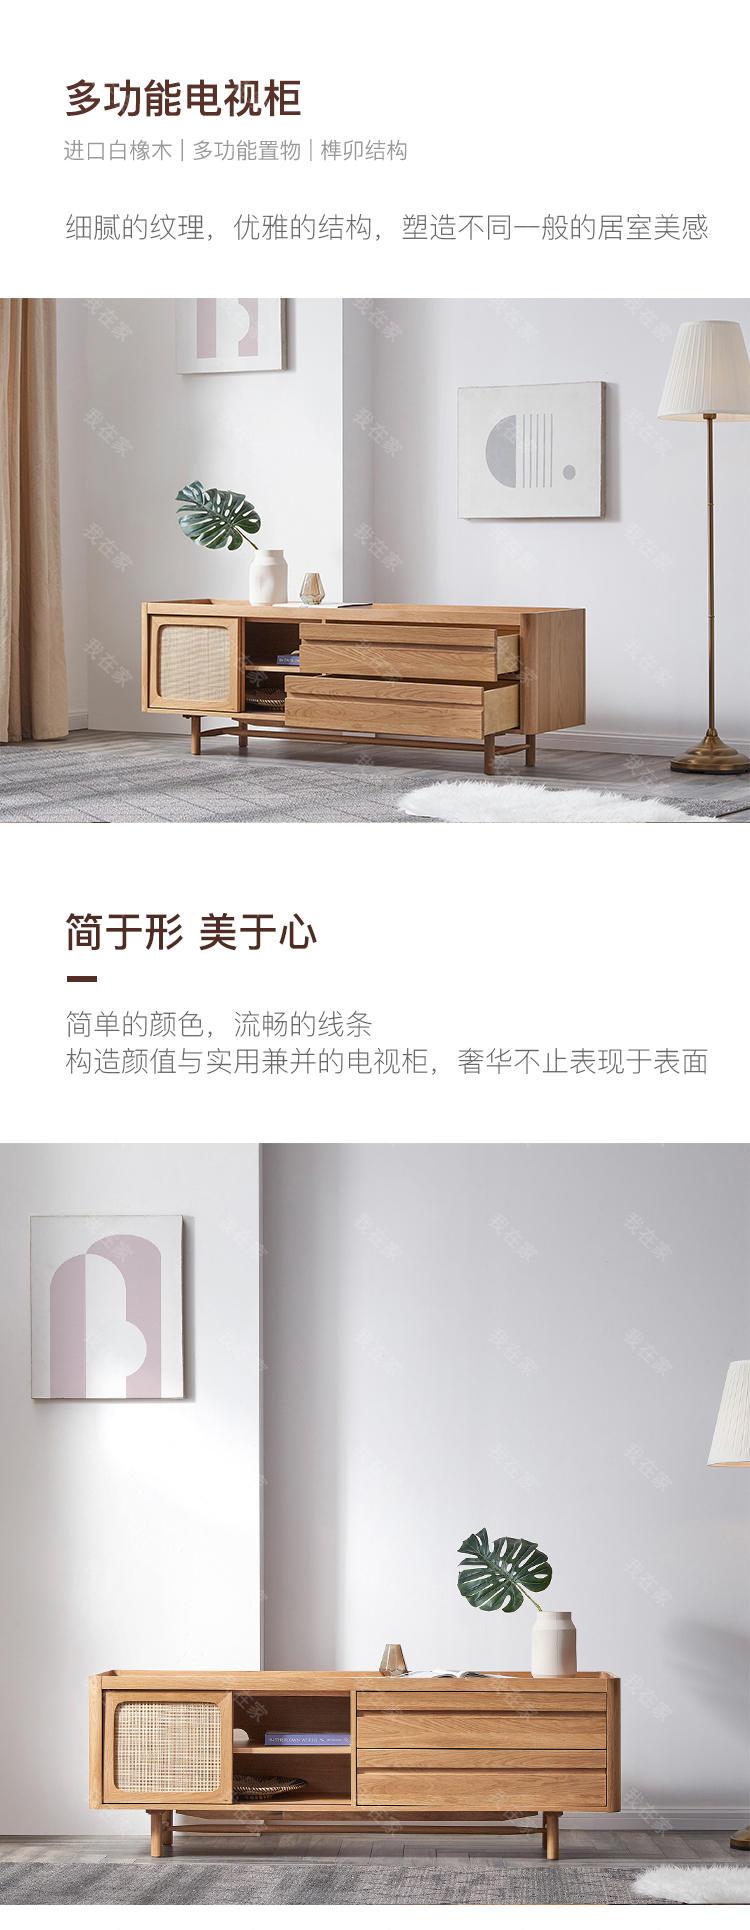 原木北欧风格辰边电视柜(样品特惠)的家具详细介绍